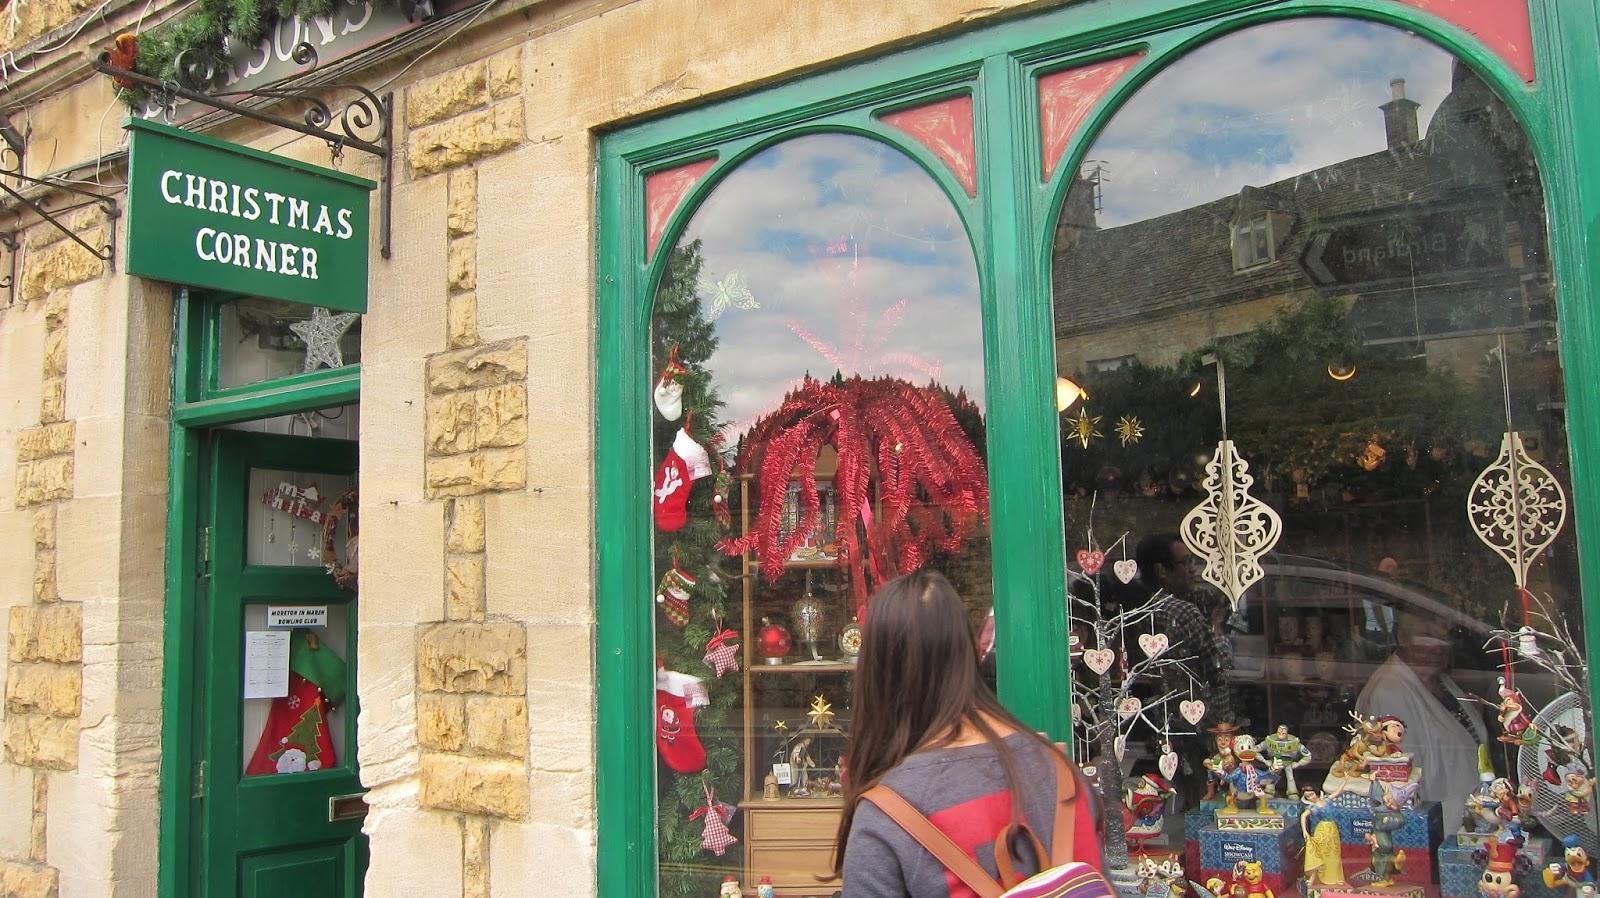 コッツウォルズ ボートン・オン・ザ・ウォーターのお店 クリスマス・コーナー